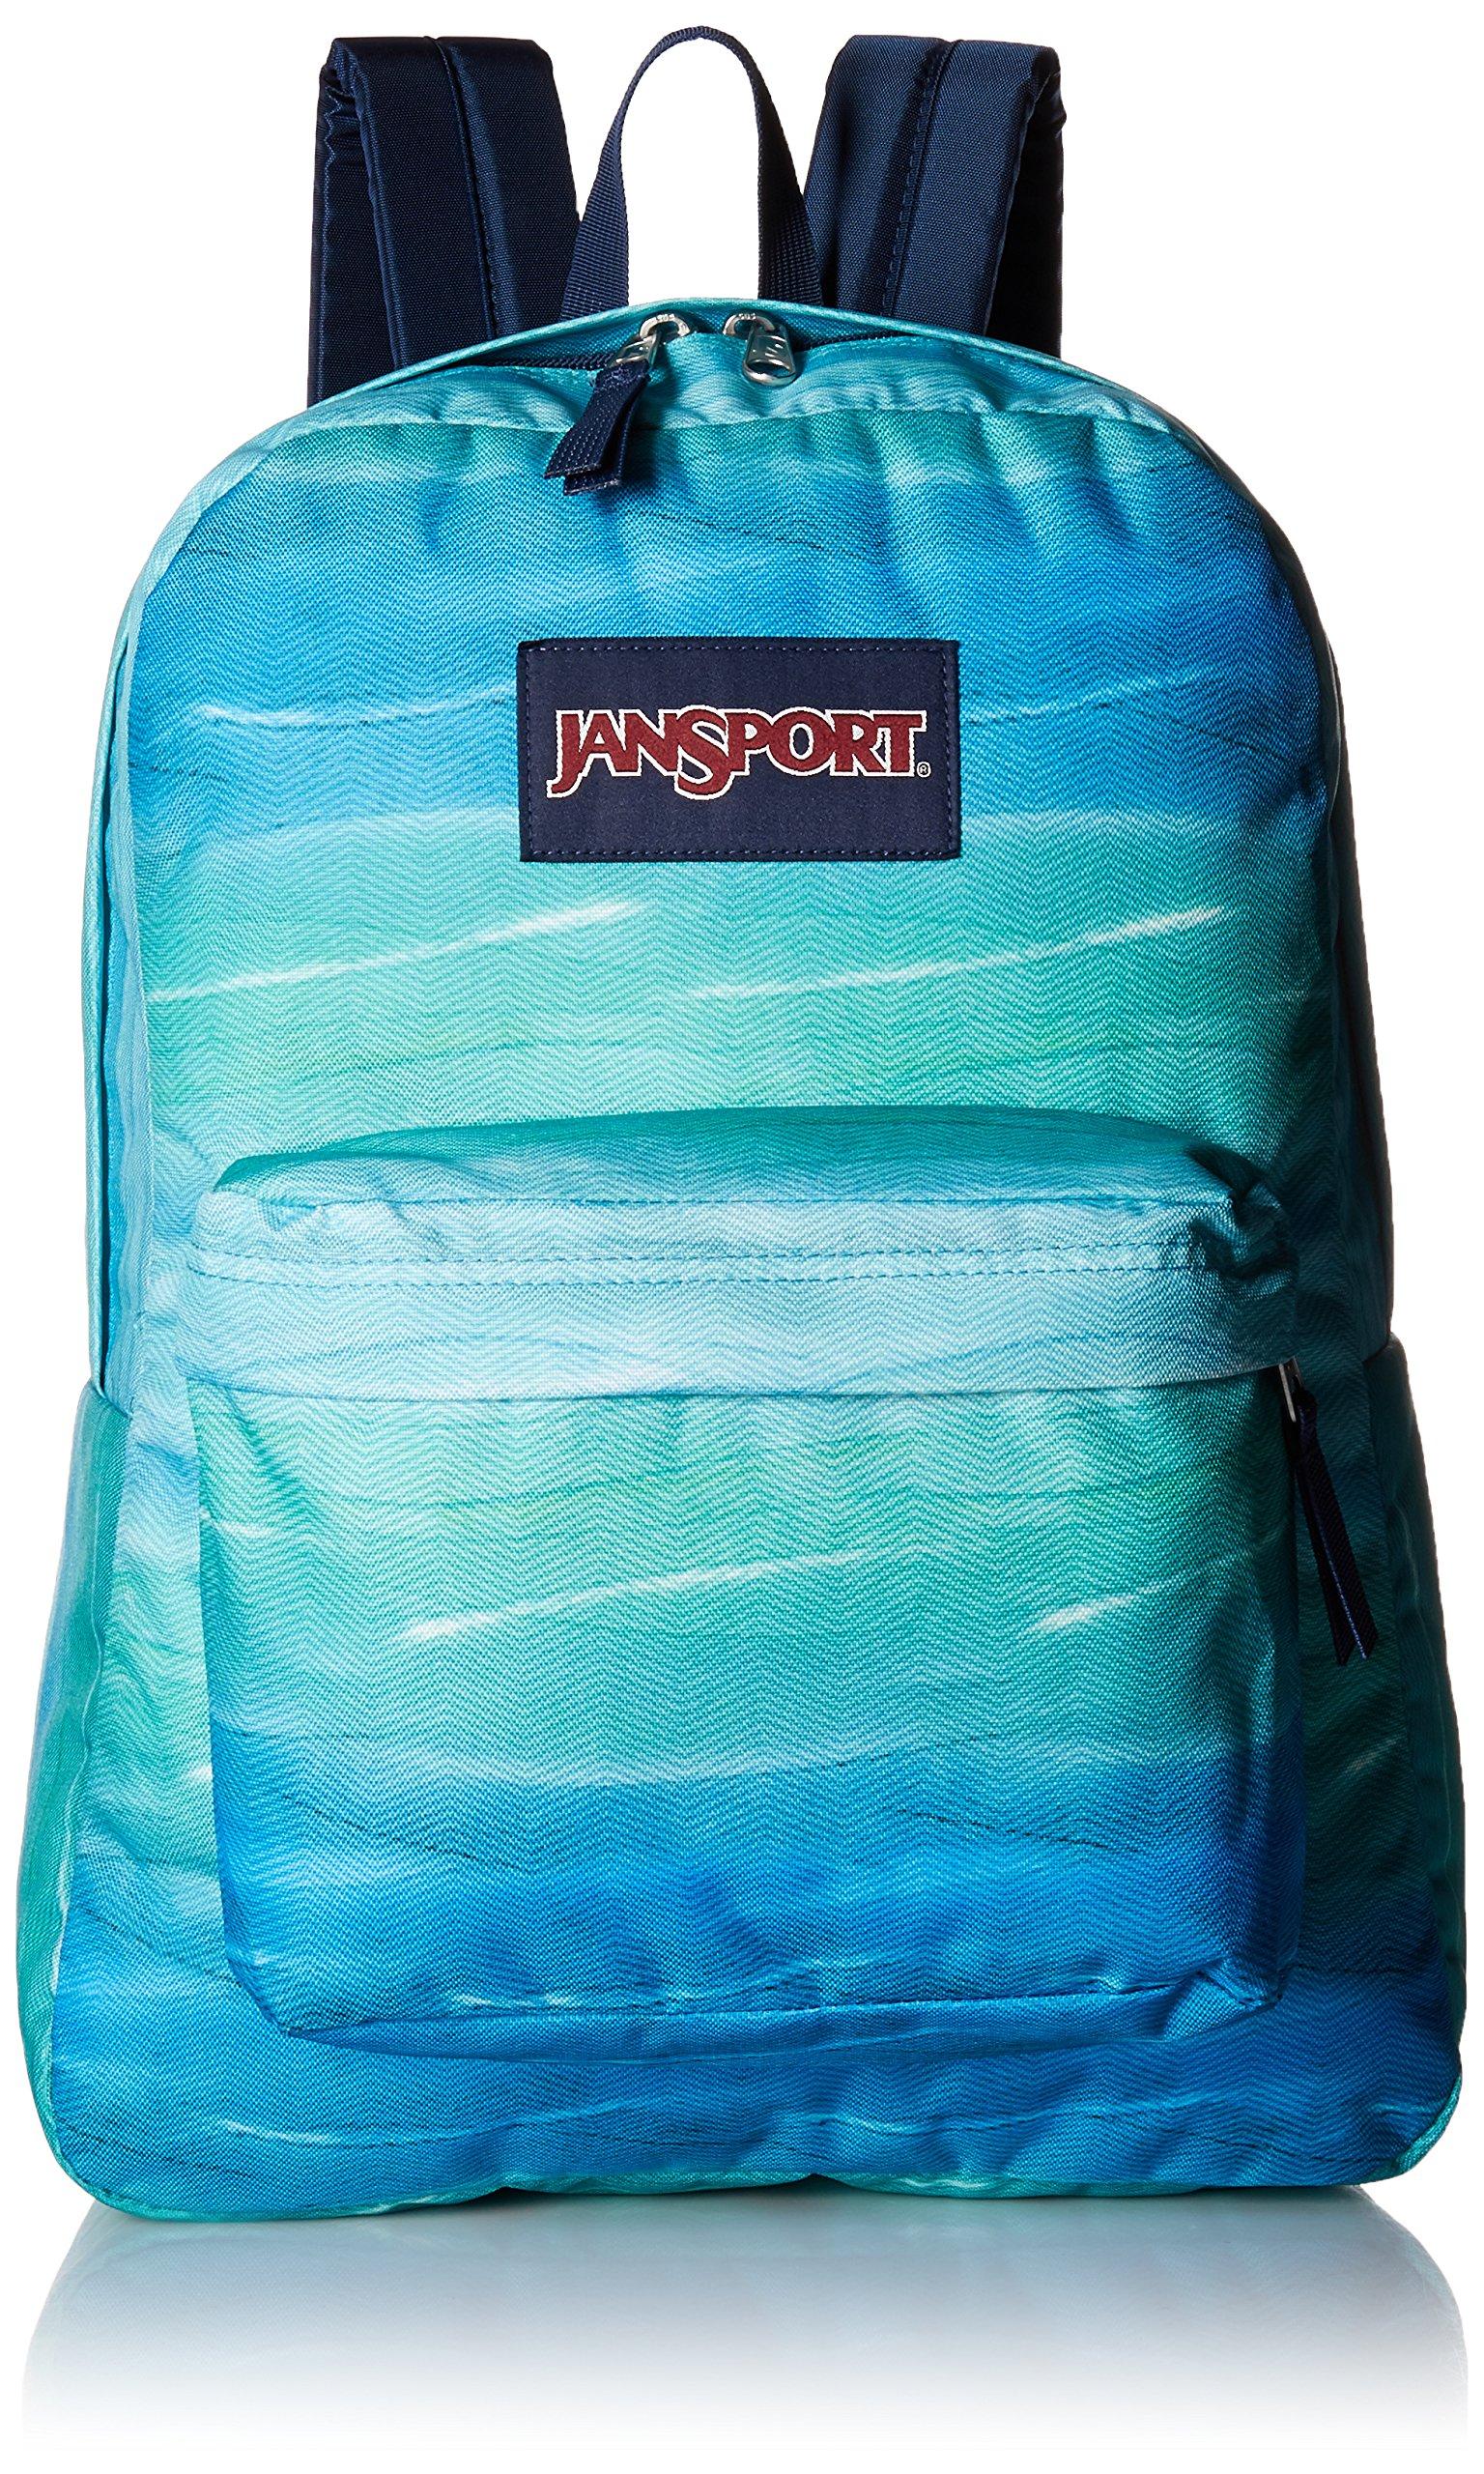 JanSport Superbreak Backpack- Sale Colors (Ocean Ombre)